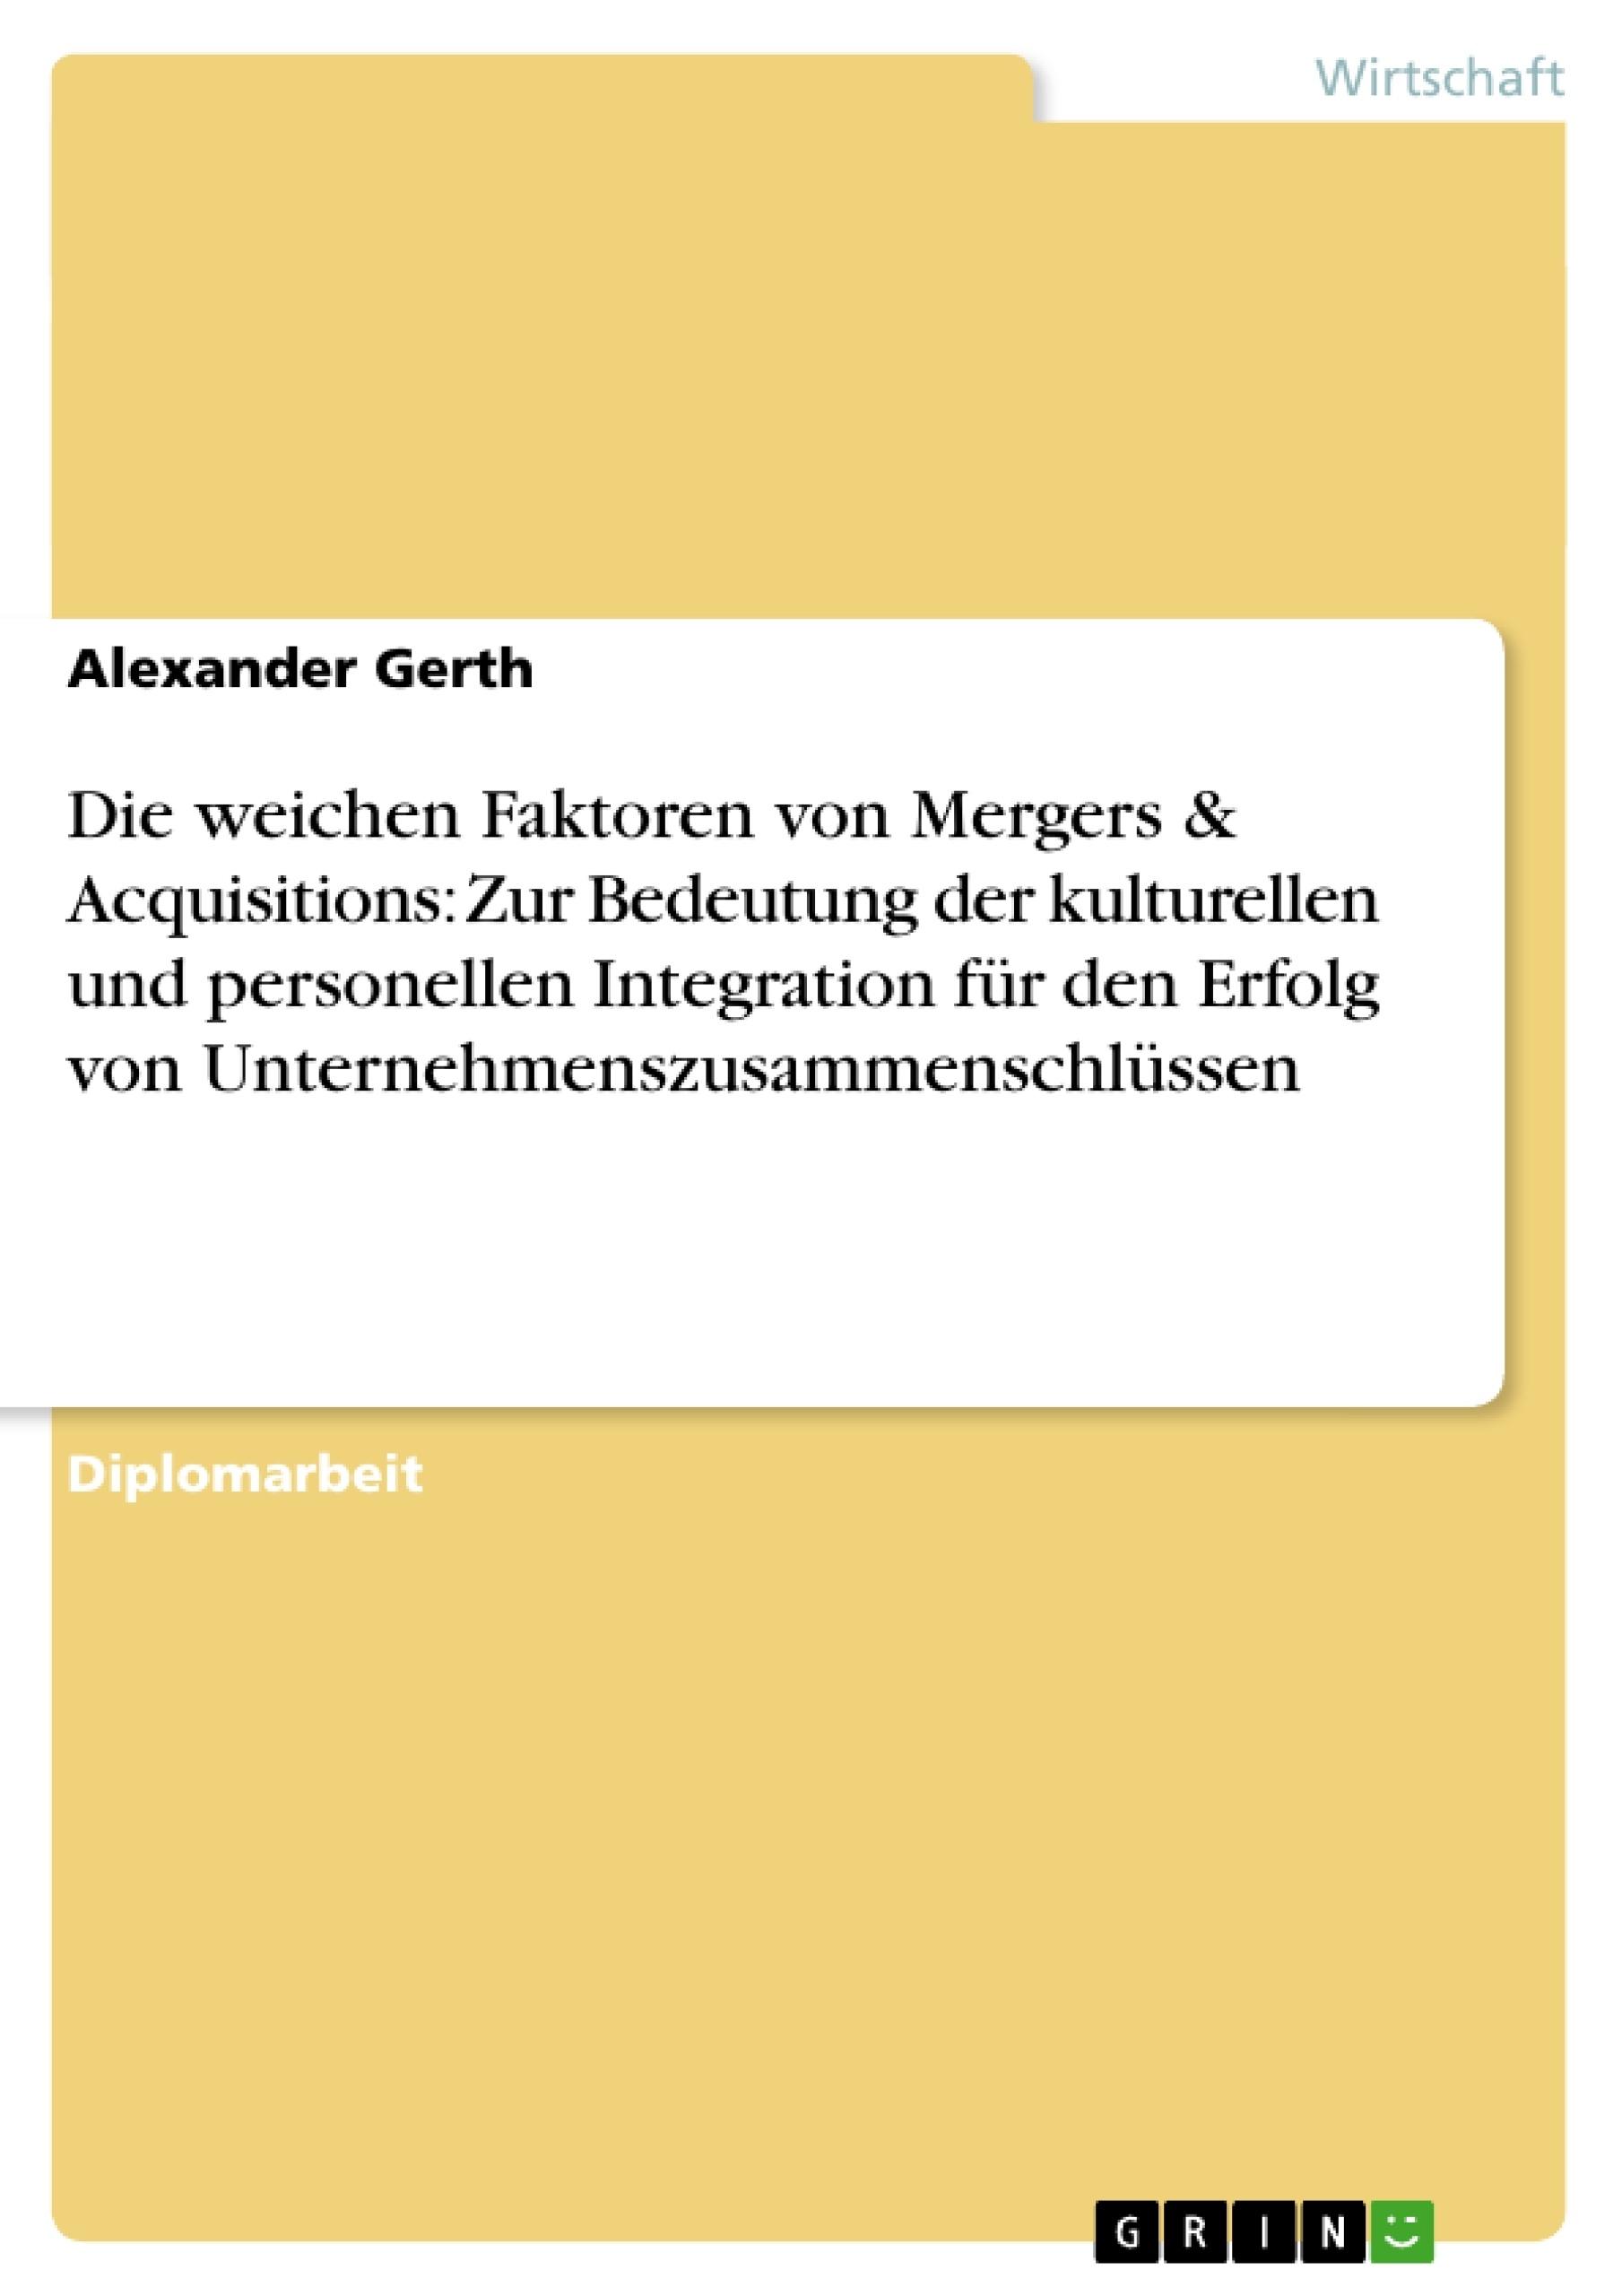 Titel: Die weichen Faktoren von Mergers & Acquisitions. Die Bedeutung der kulturellen und personellen Integration für den Erfolg von Unternehmenszusammenschlüssen